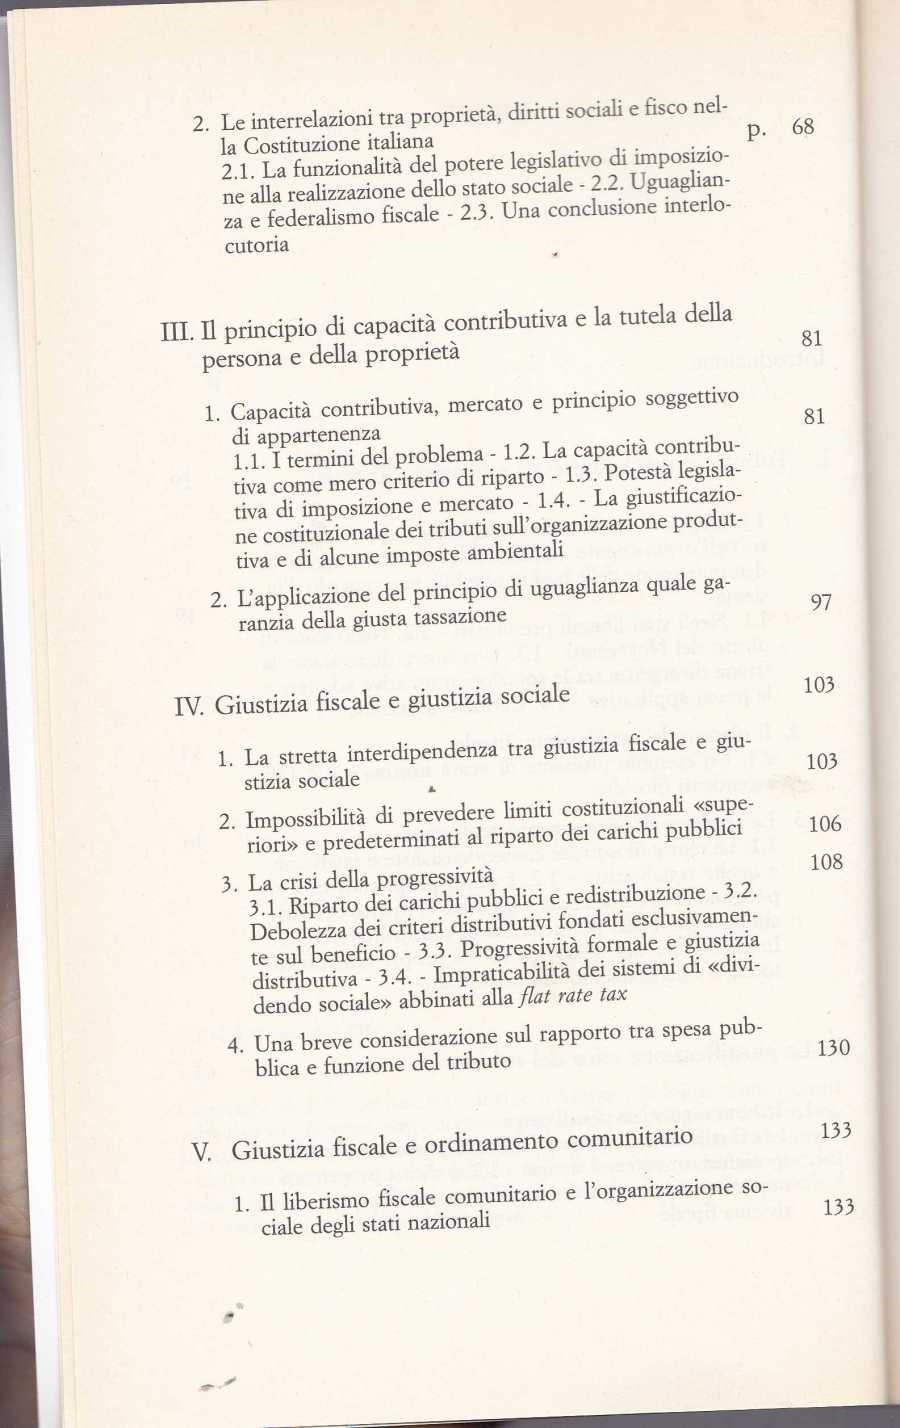 GALLO FISCO3204